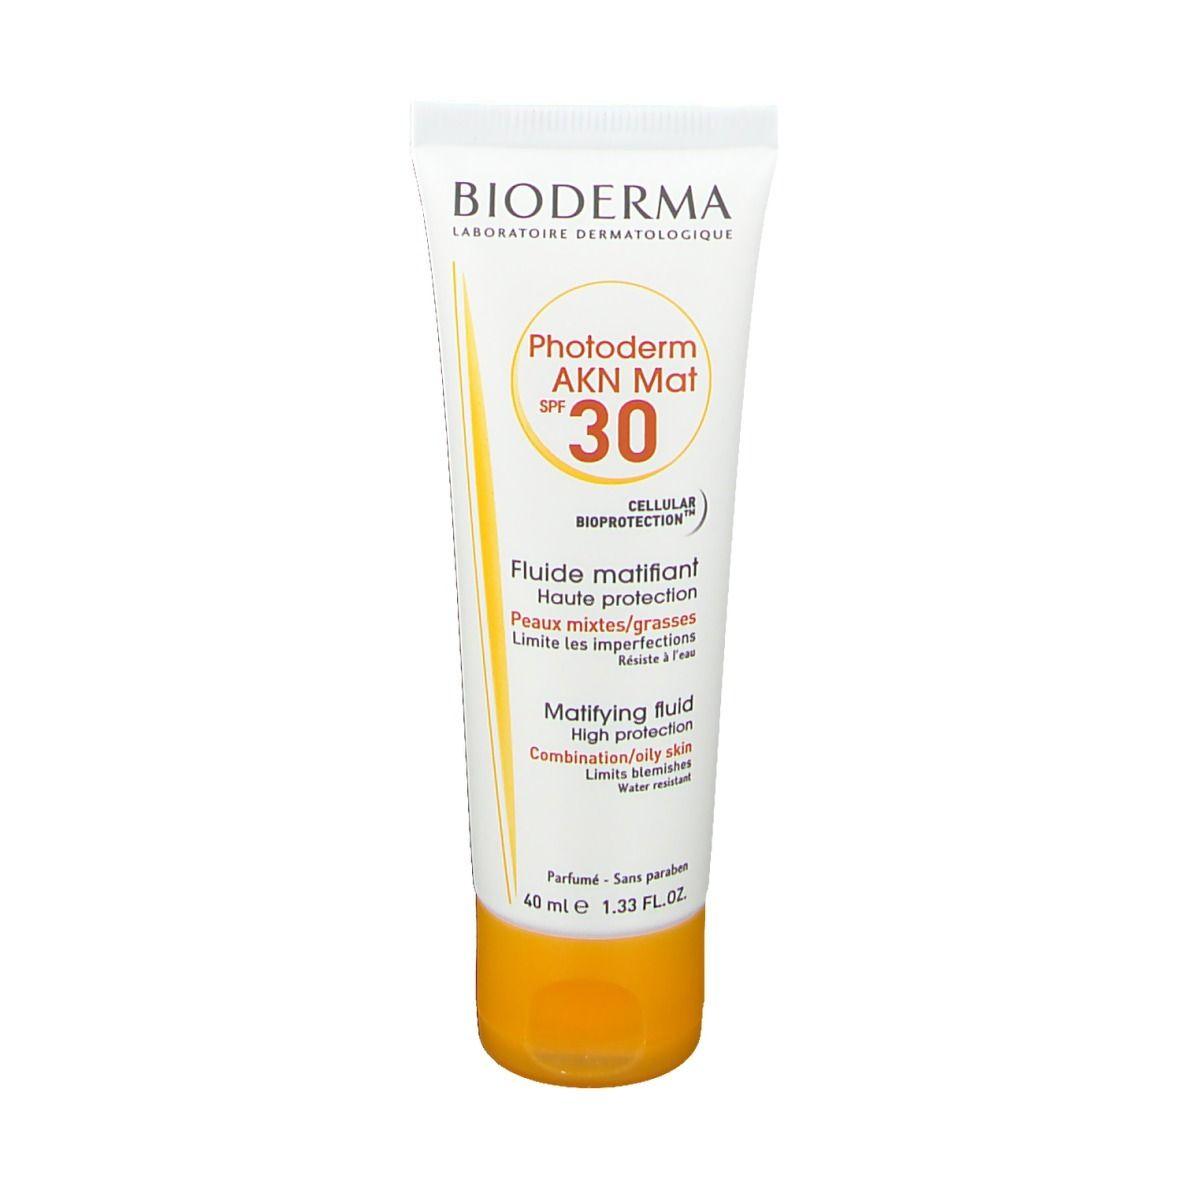 BIODERMA Photoderm AKN MAT Sonnenfluid SPF 30